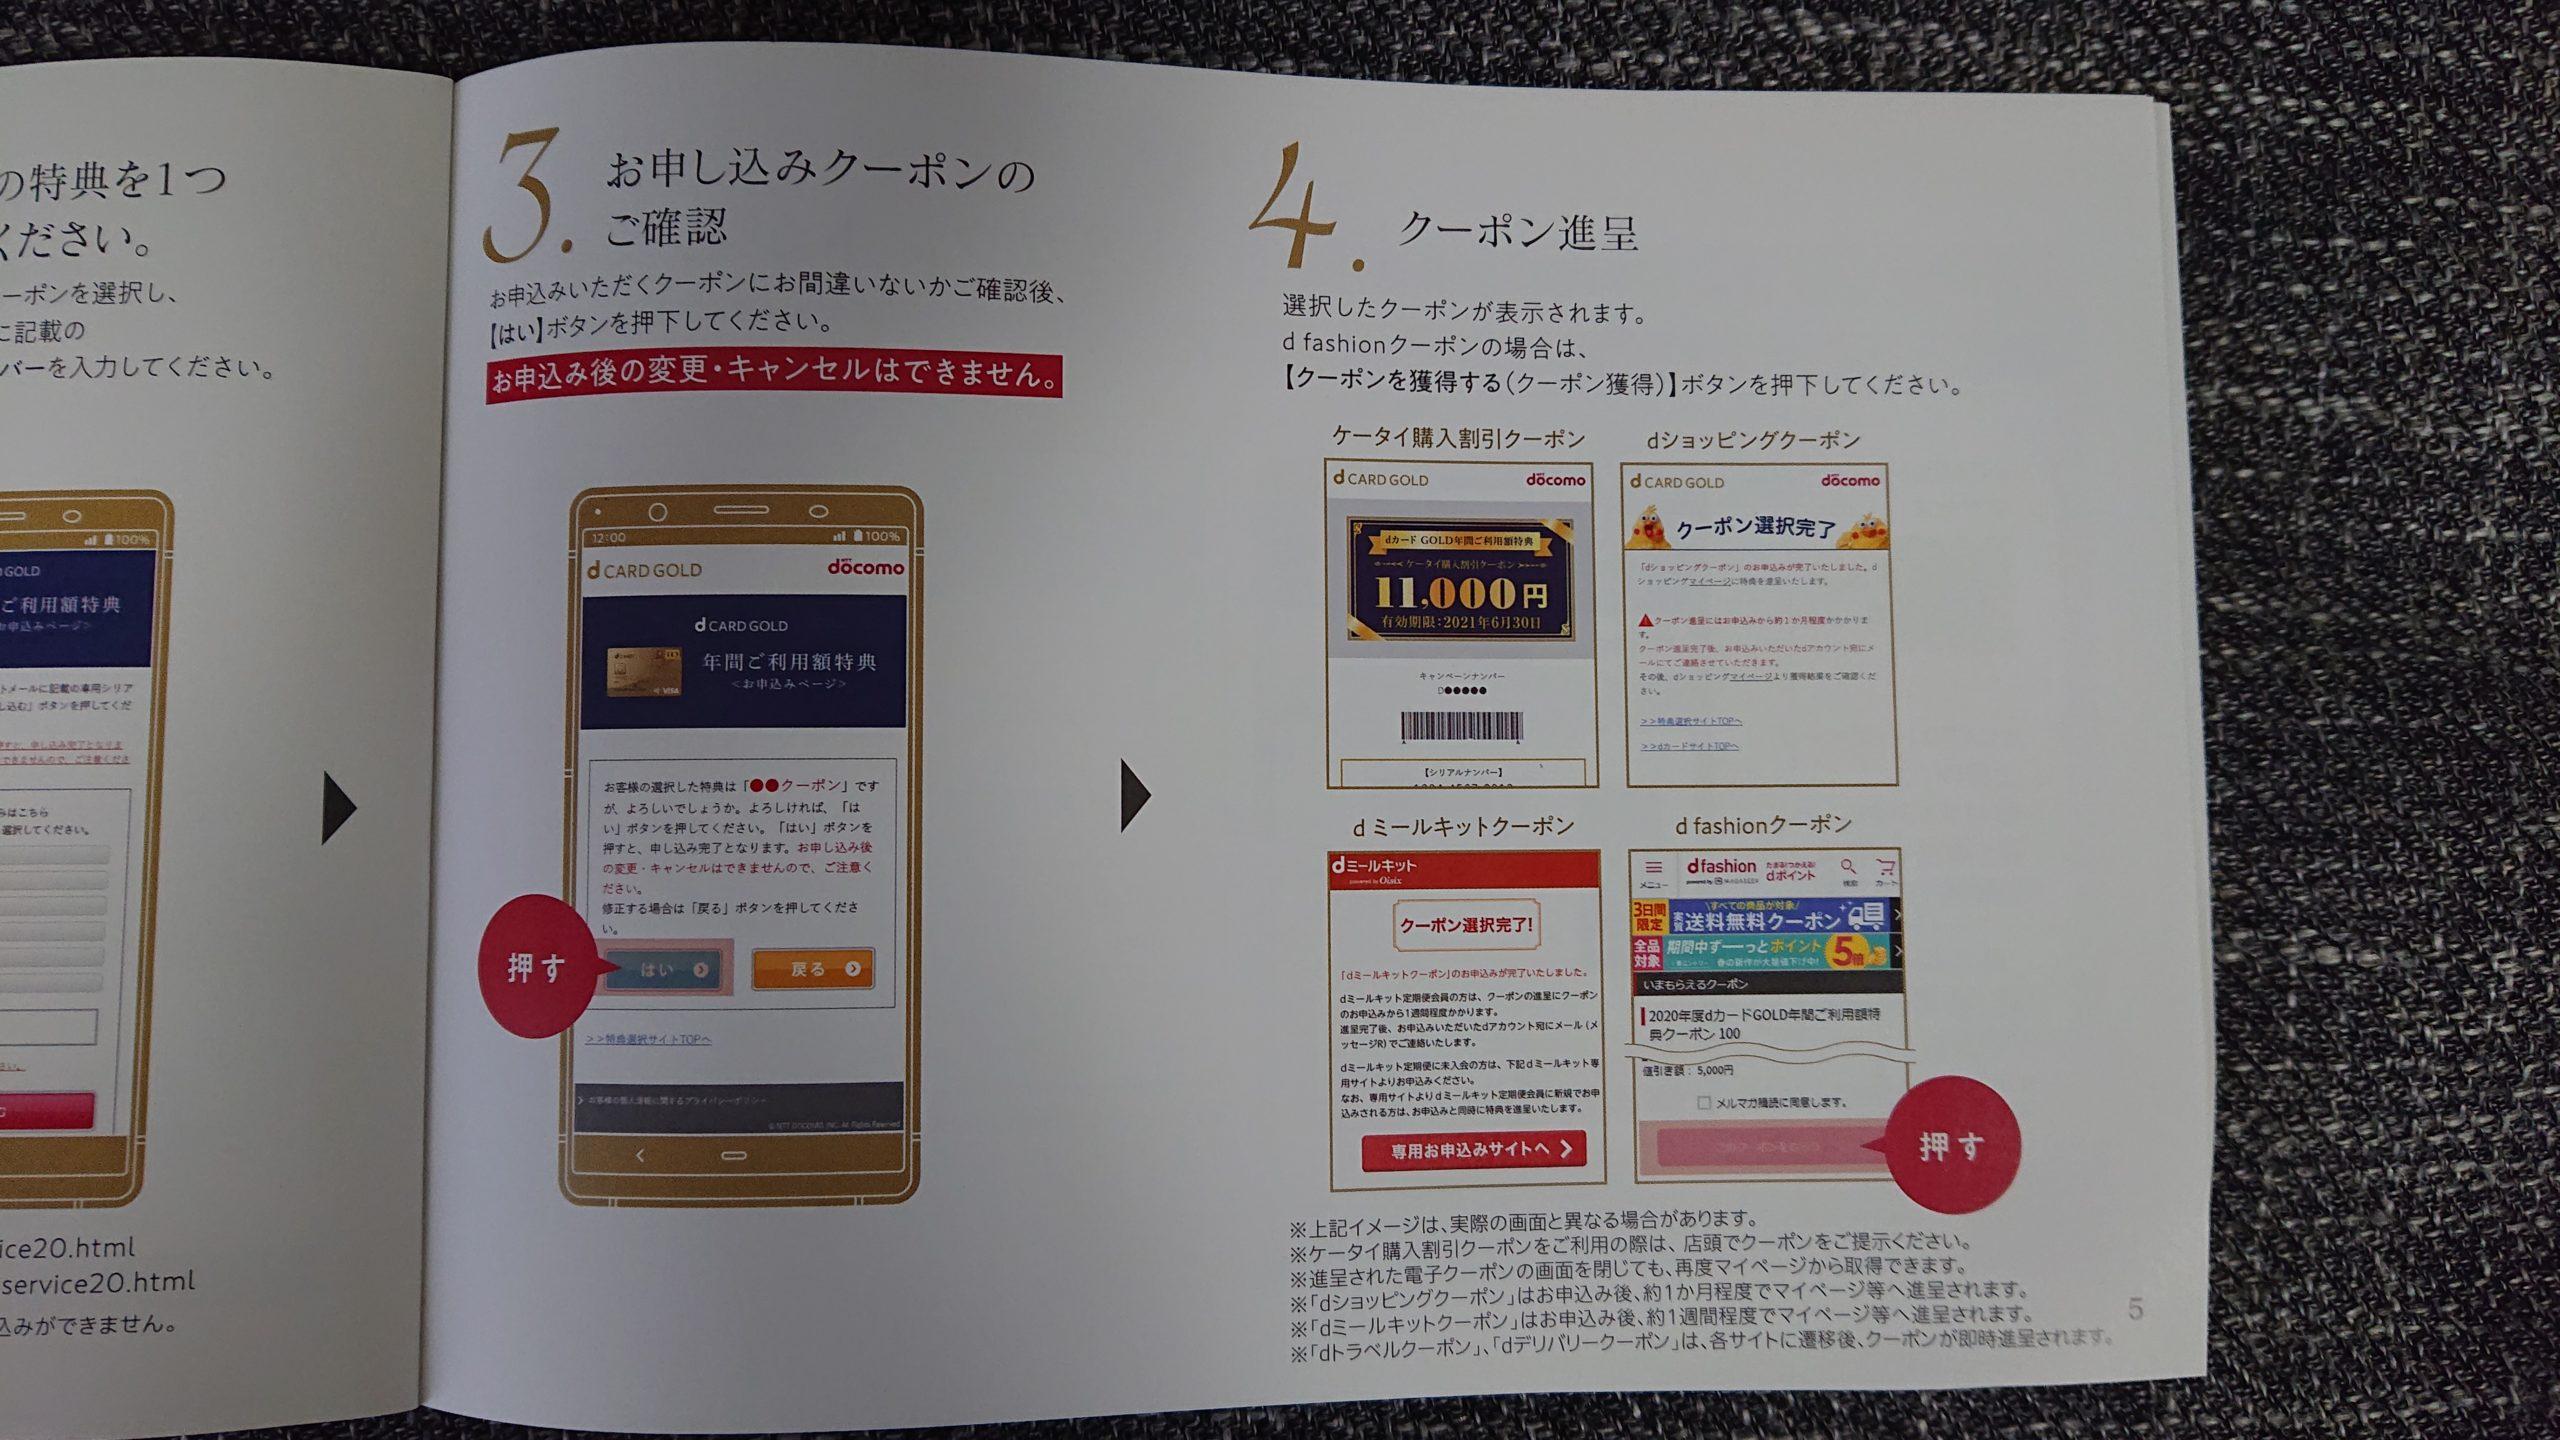 dカード GOLD(dカードゴールド)年間利用額特典 クーポン申し込み方法2